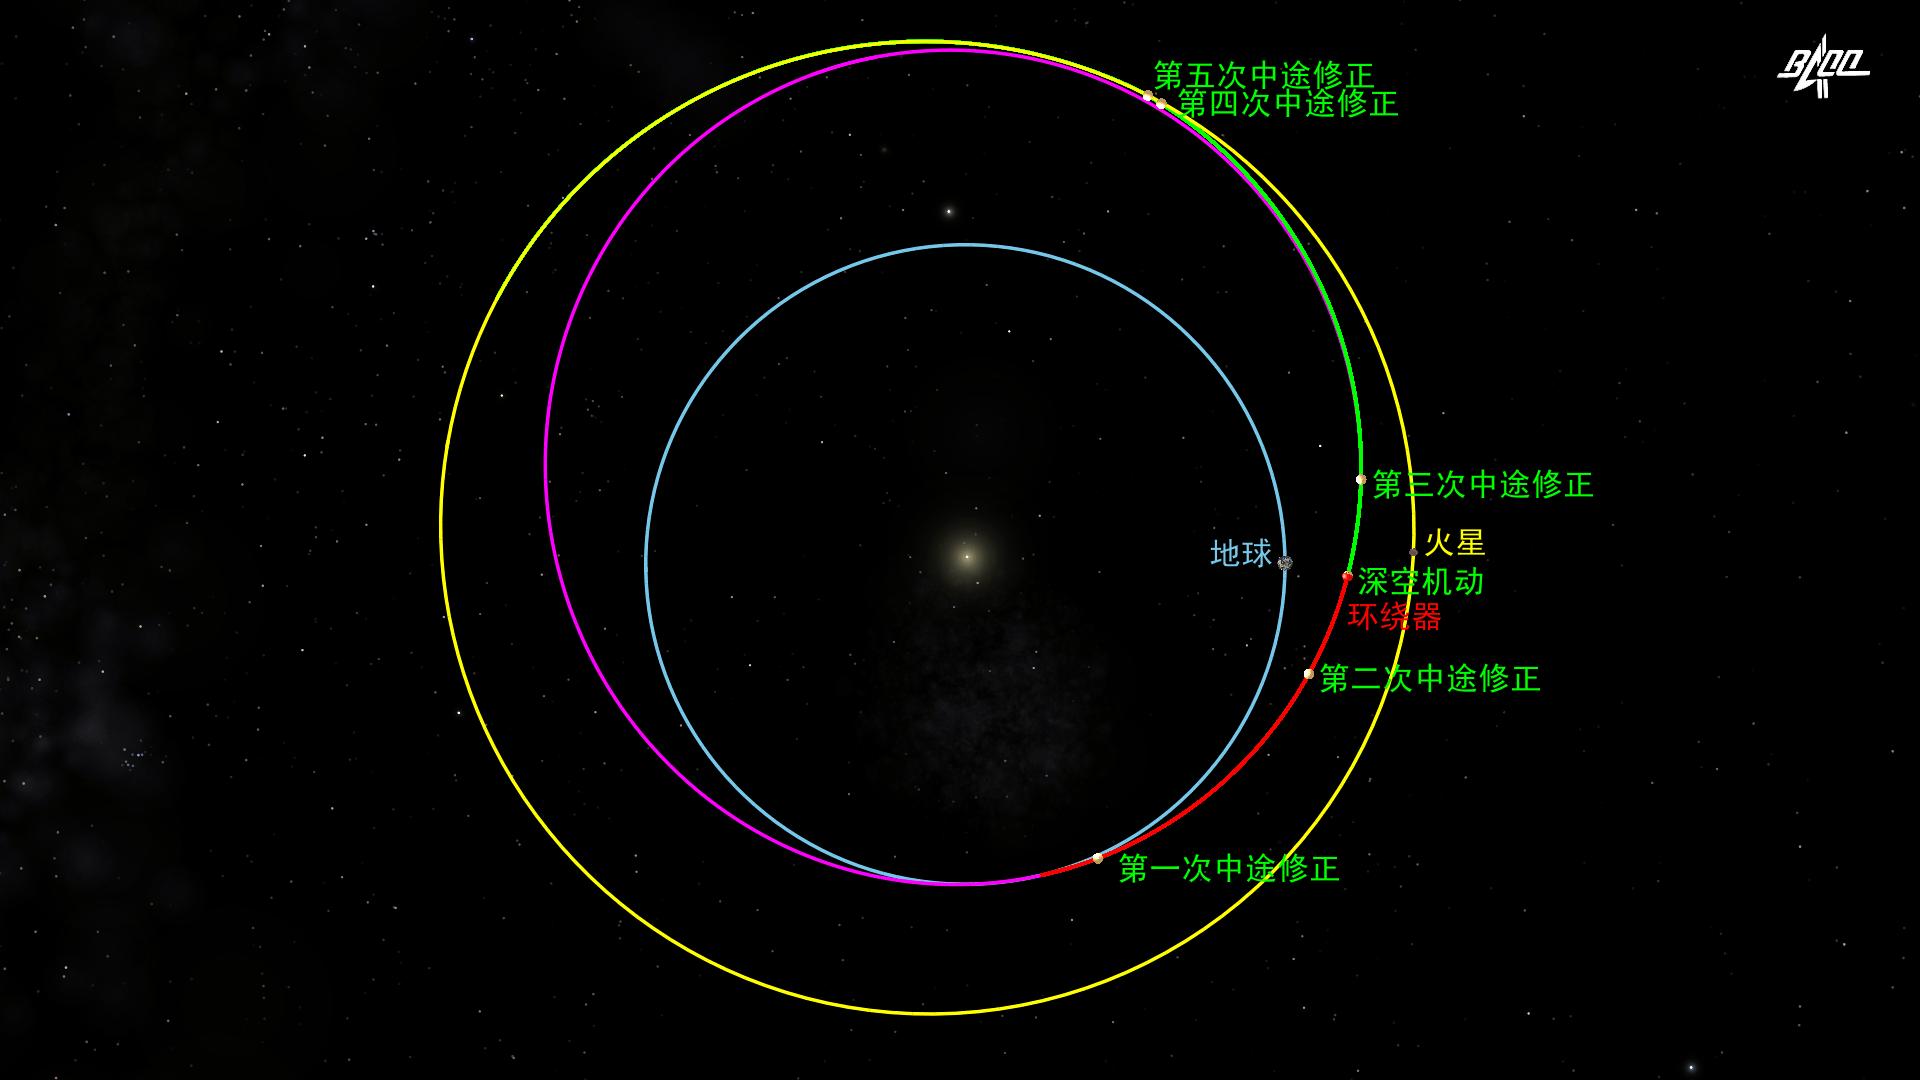 五星体育直播:田文1号完成了唯一的空间变道 到达火星还需要多少遍?